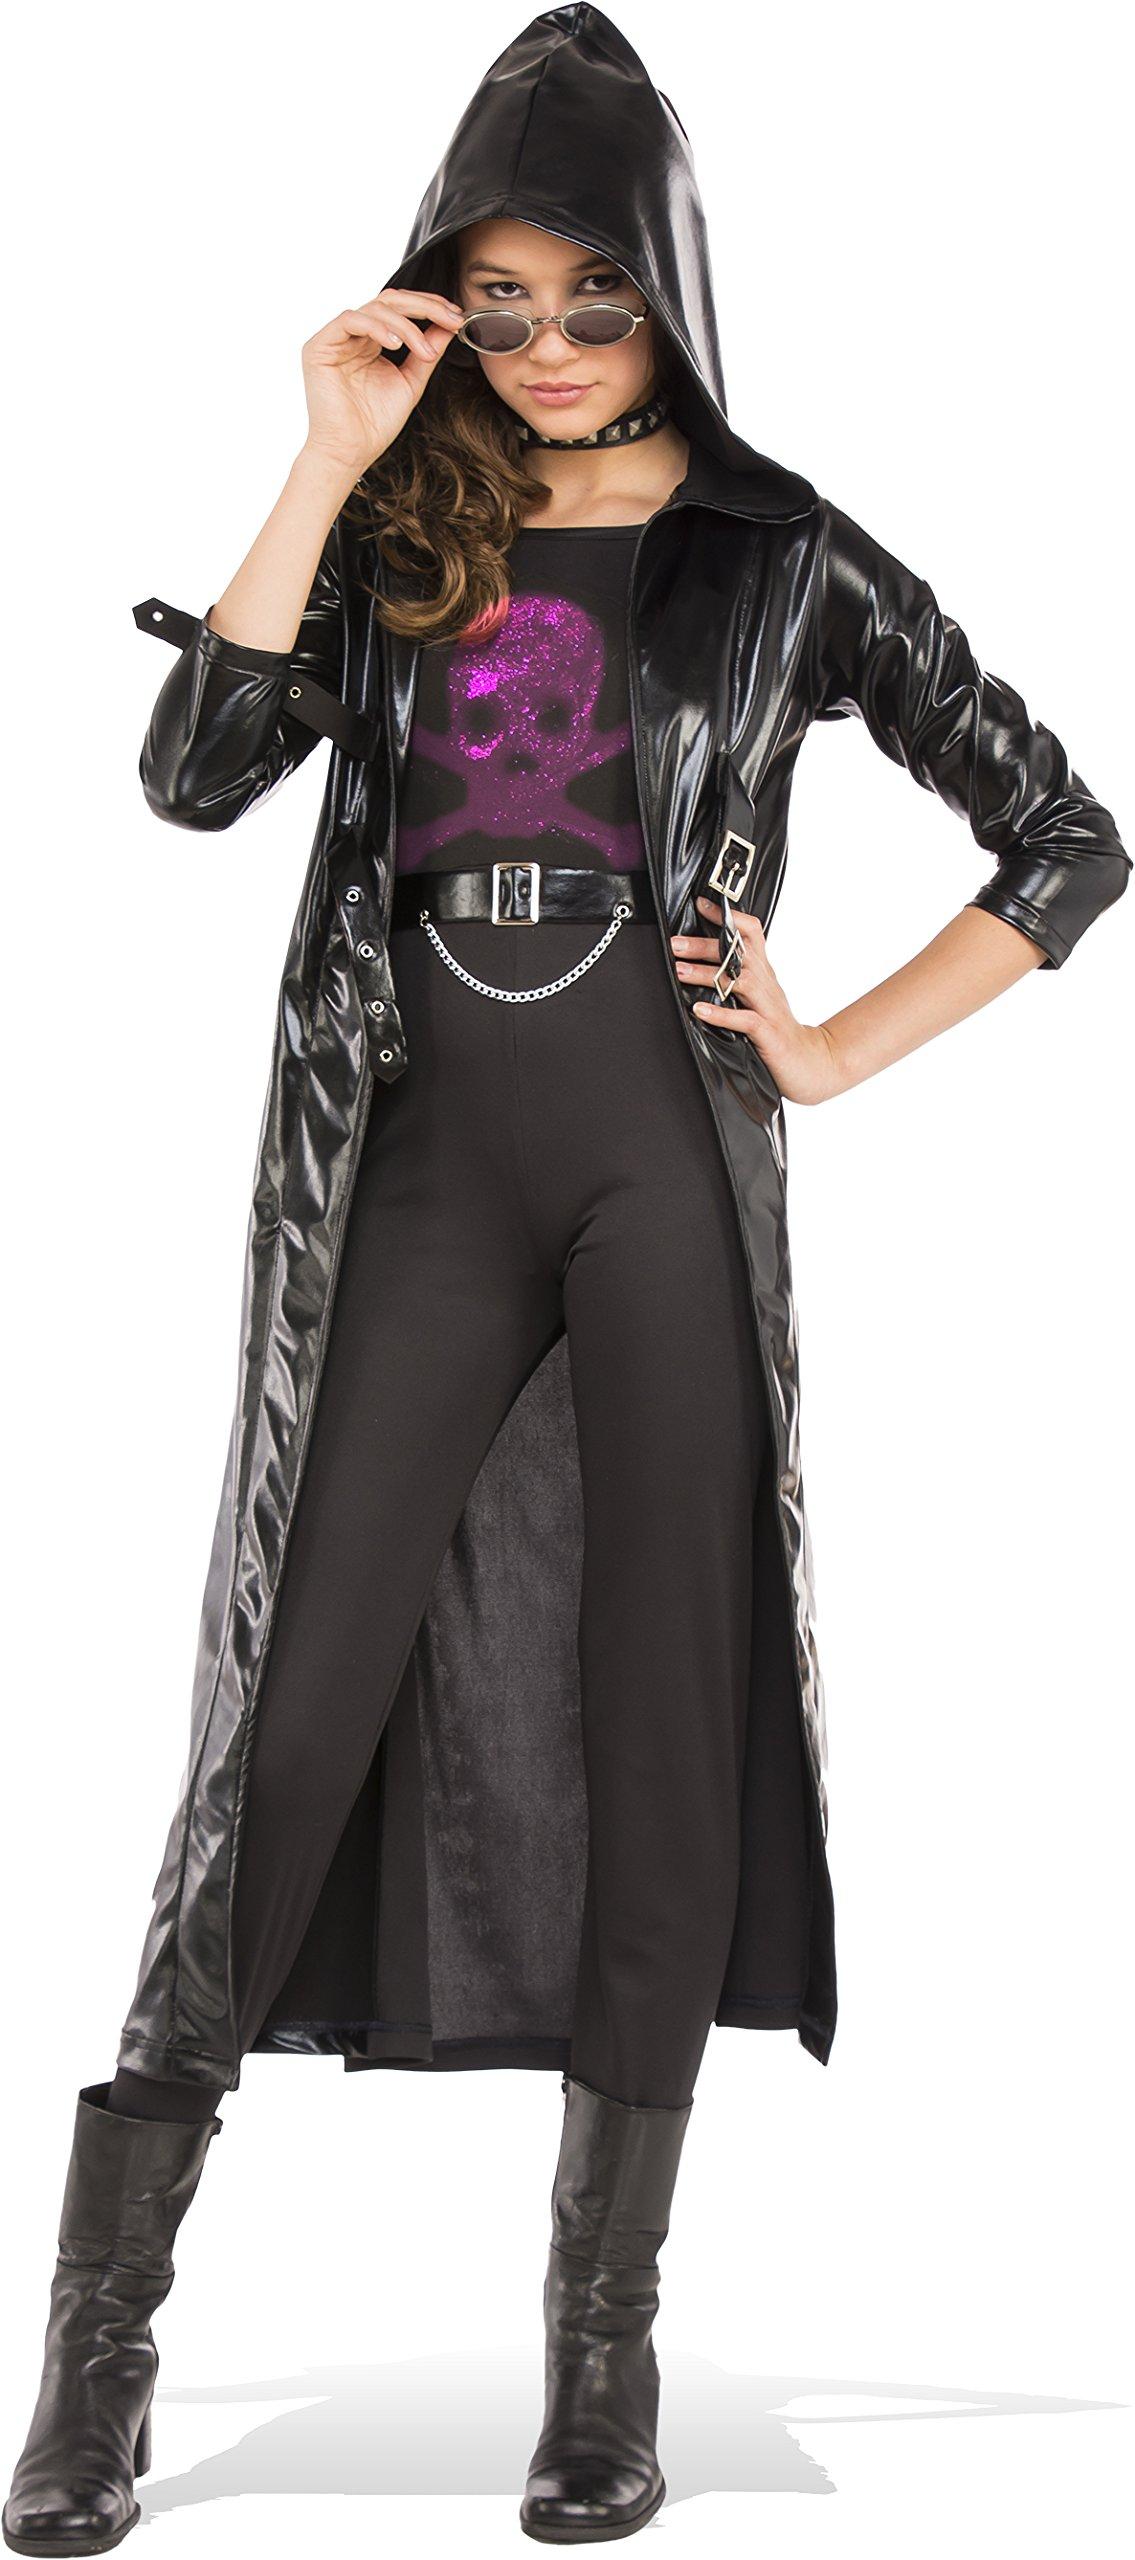 Rubies Costume Black Goth Coat Set Teen Costume, Medium, Multicolor